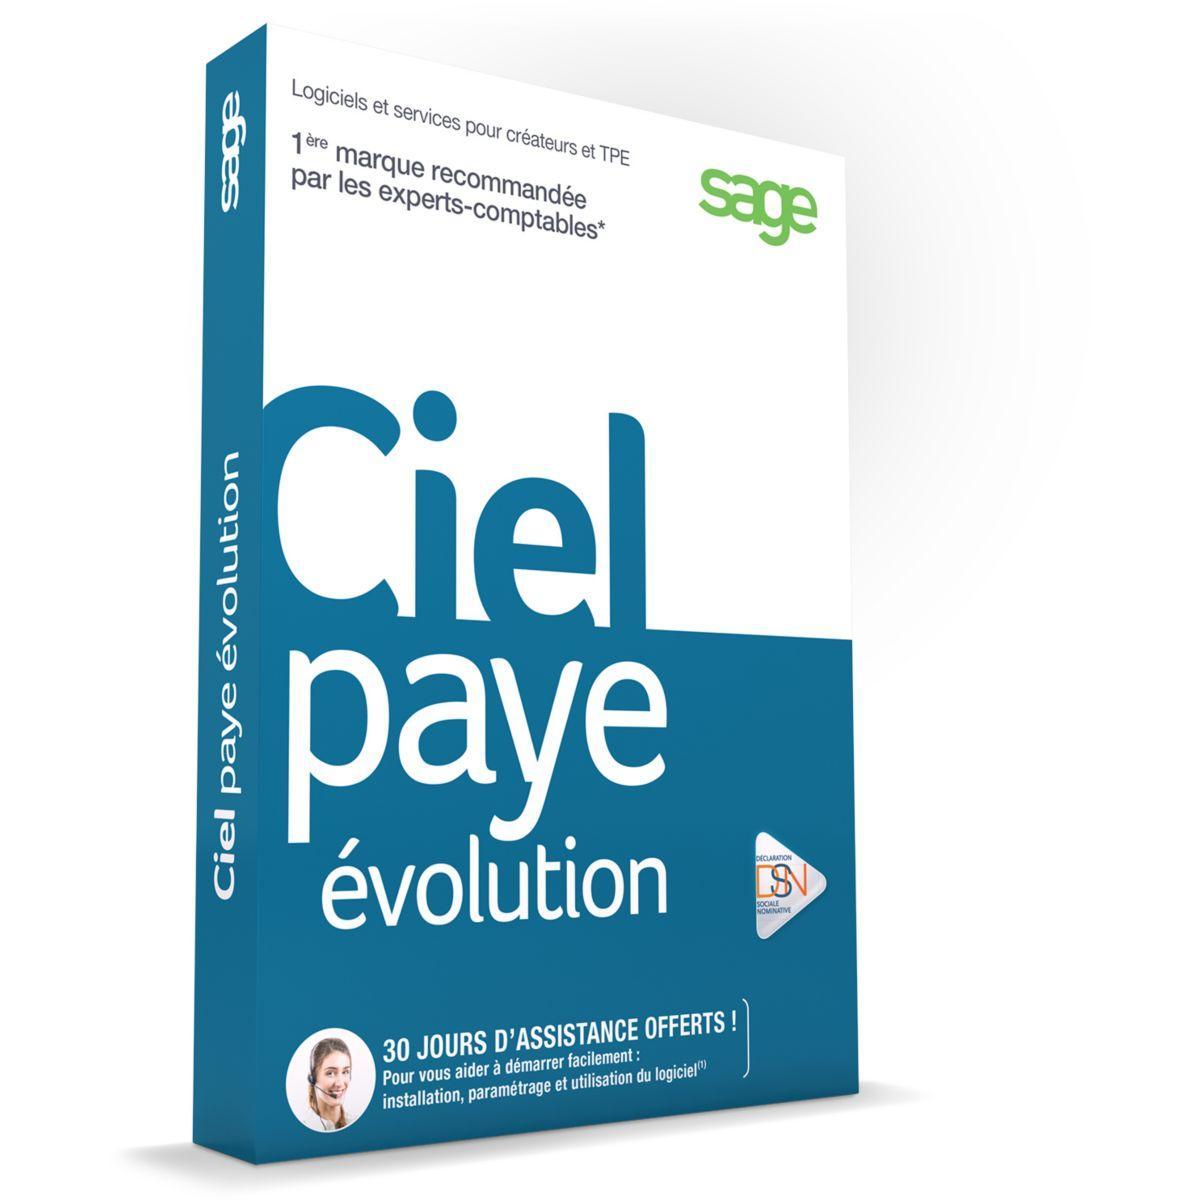 Logiciel pc ciel paye evolution - 2% de remise immédiate avec le code : cash2 (photo)